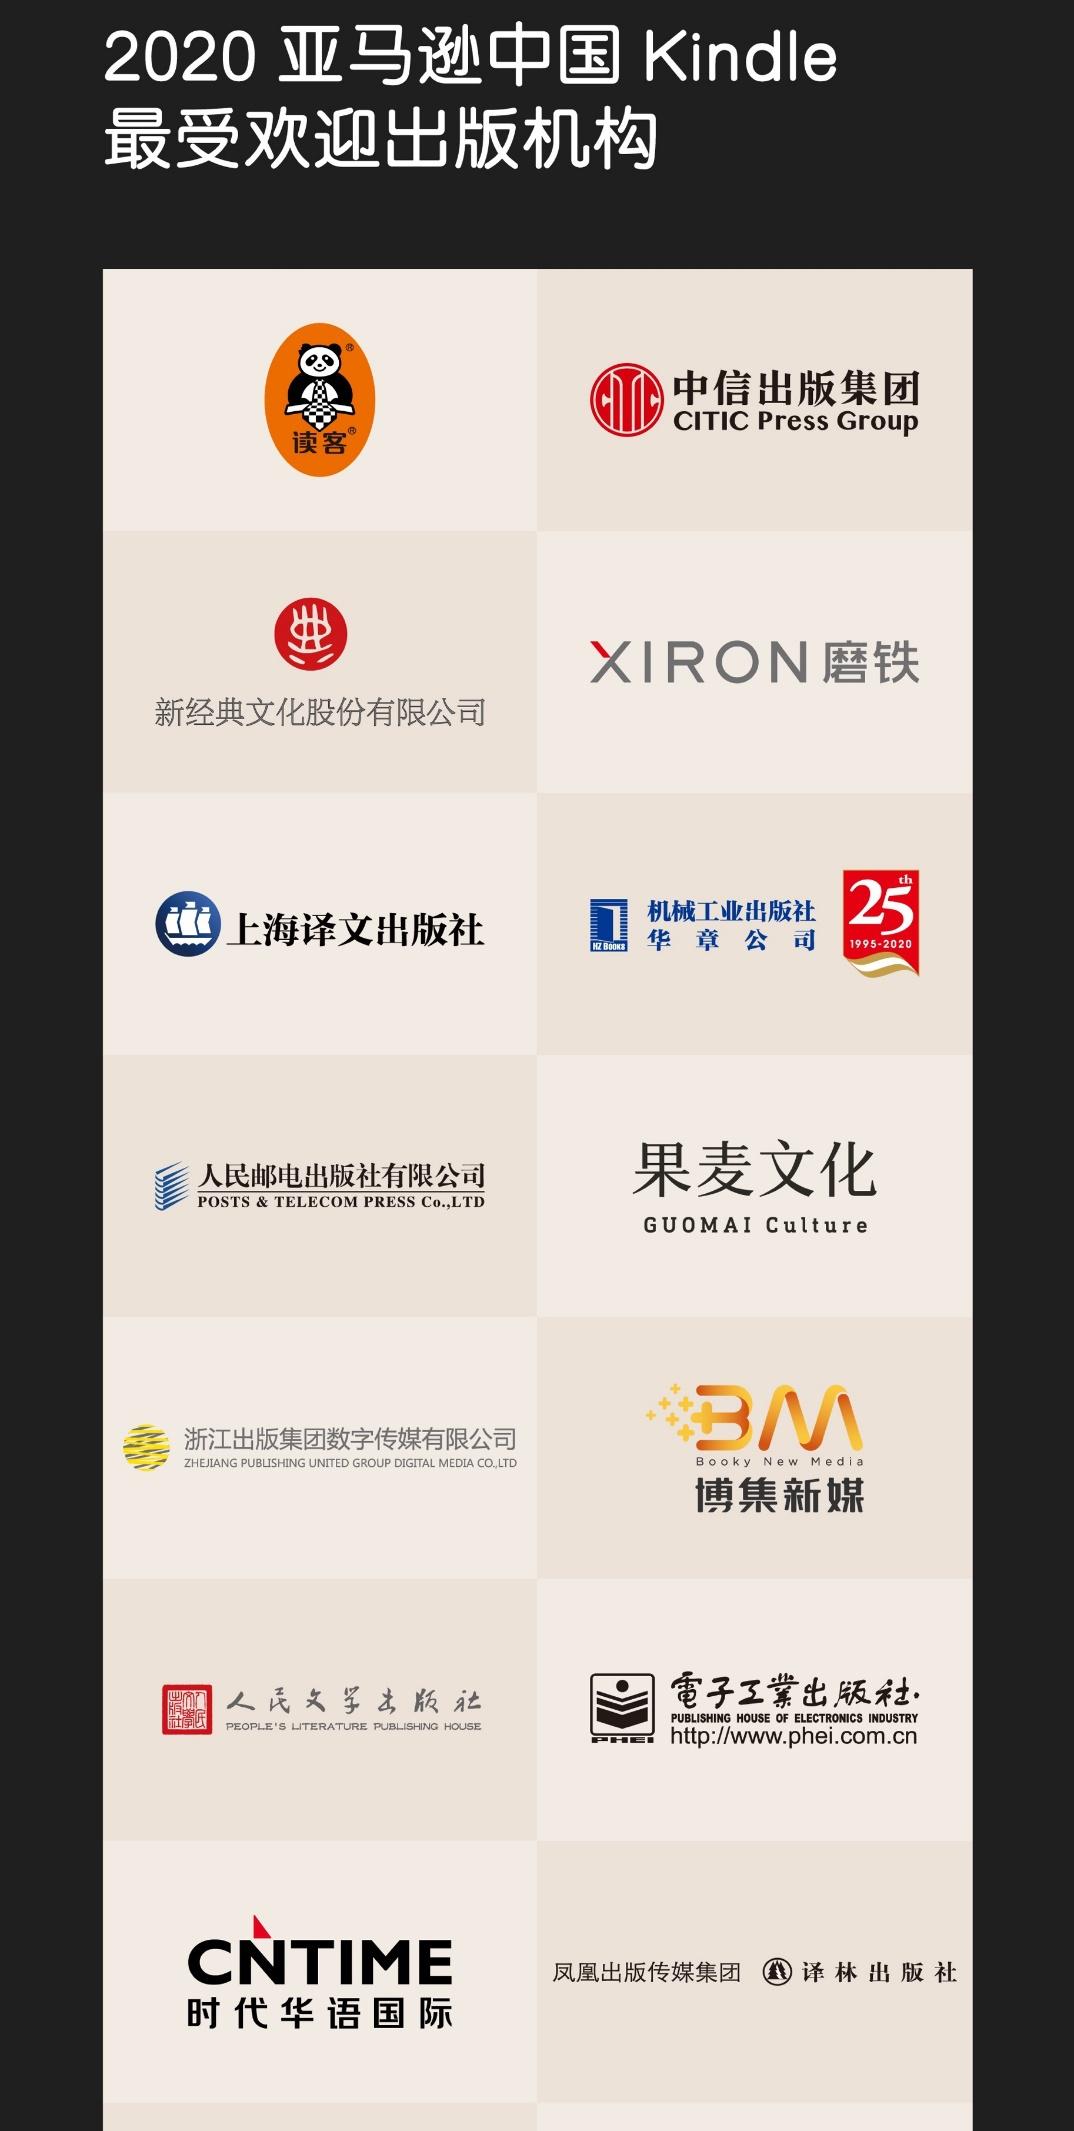 电银付加盟(www.dianyinzhifu.com):数字阅读这几年,看Kindle觅光生长 第2张